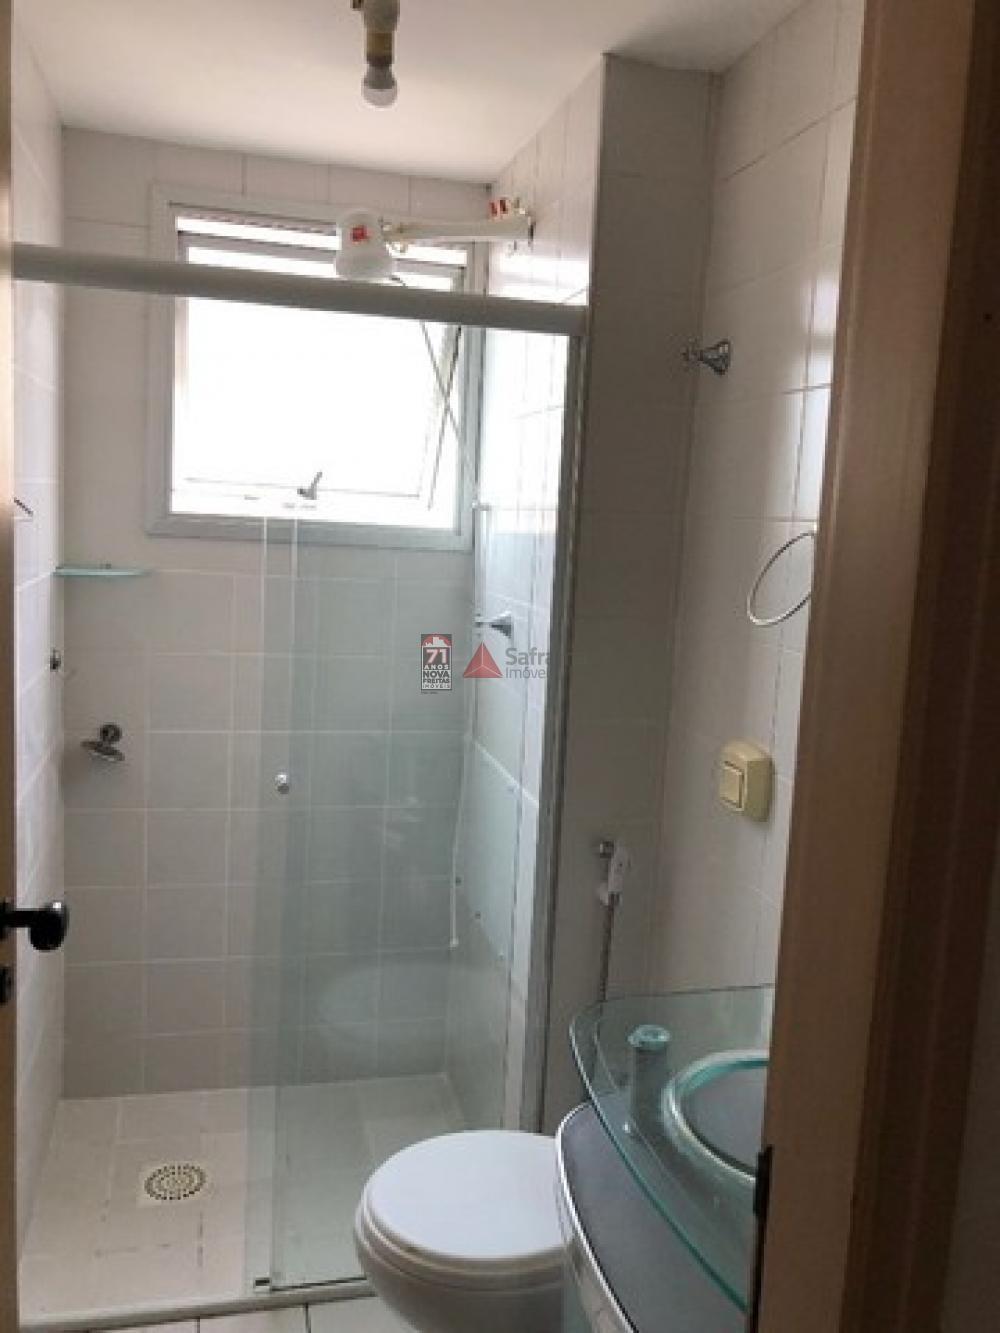 Alugar Apartamento / Padrão em São José dos Campos R$ 2.150,00 - Foto 9